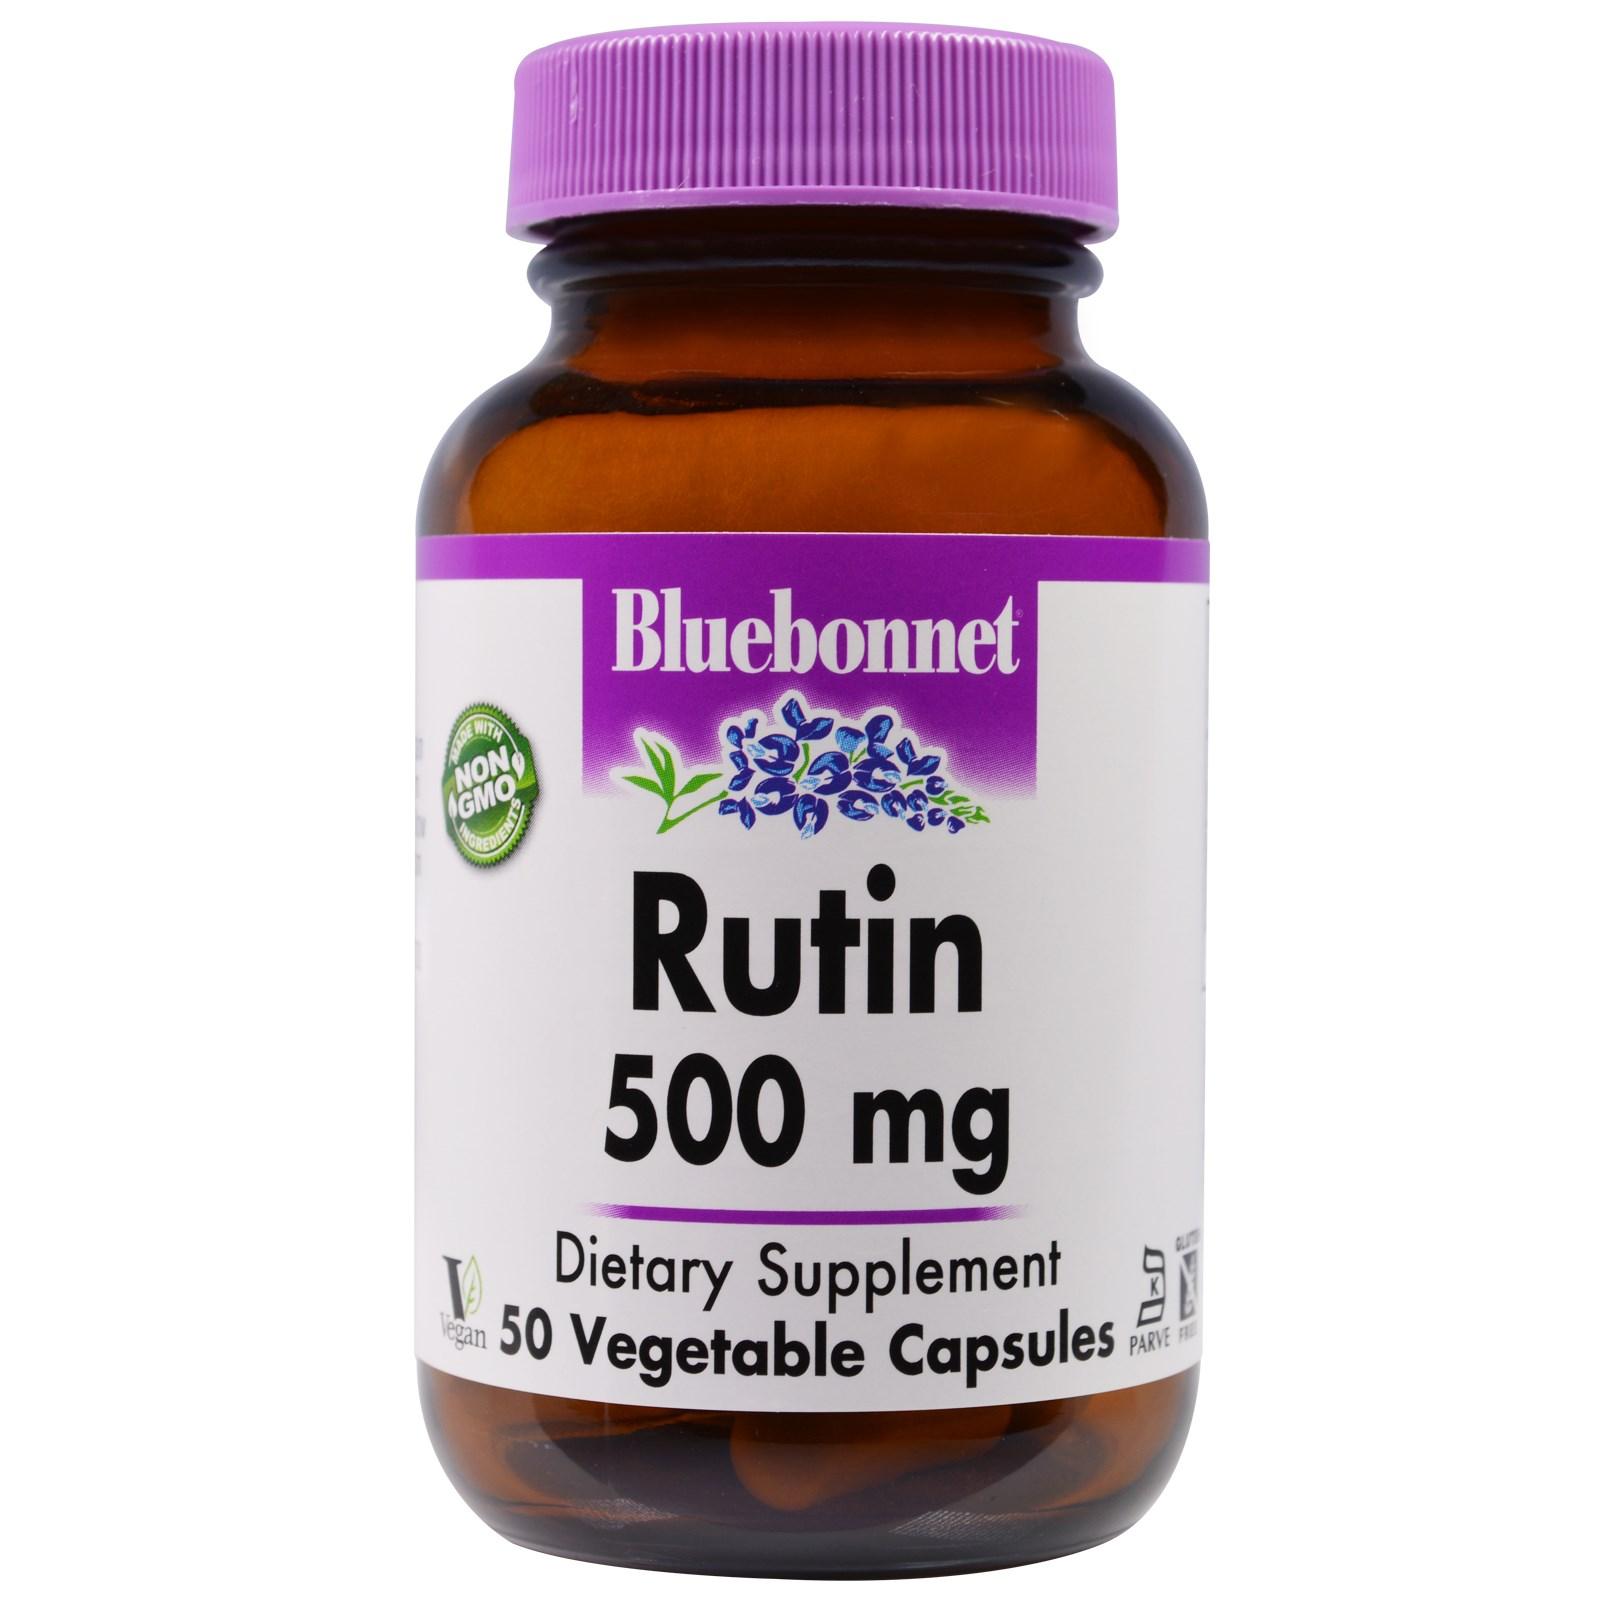 Bluebonnet Nutrition, Рутин, 500 мг, 50 капсул в растительной оболочке